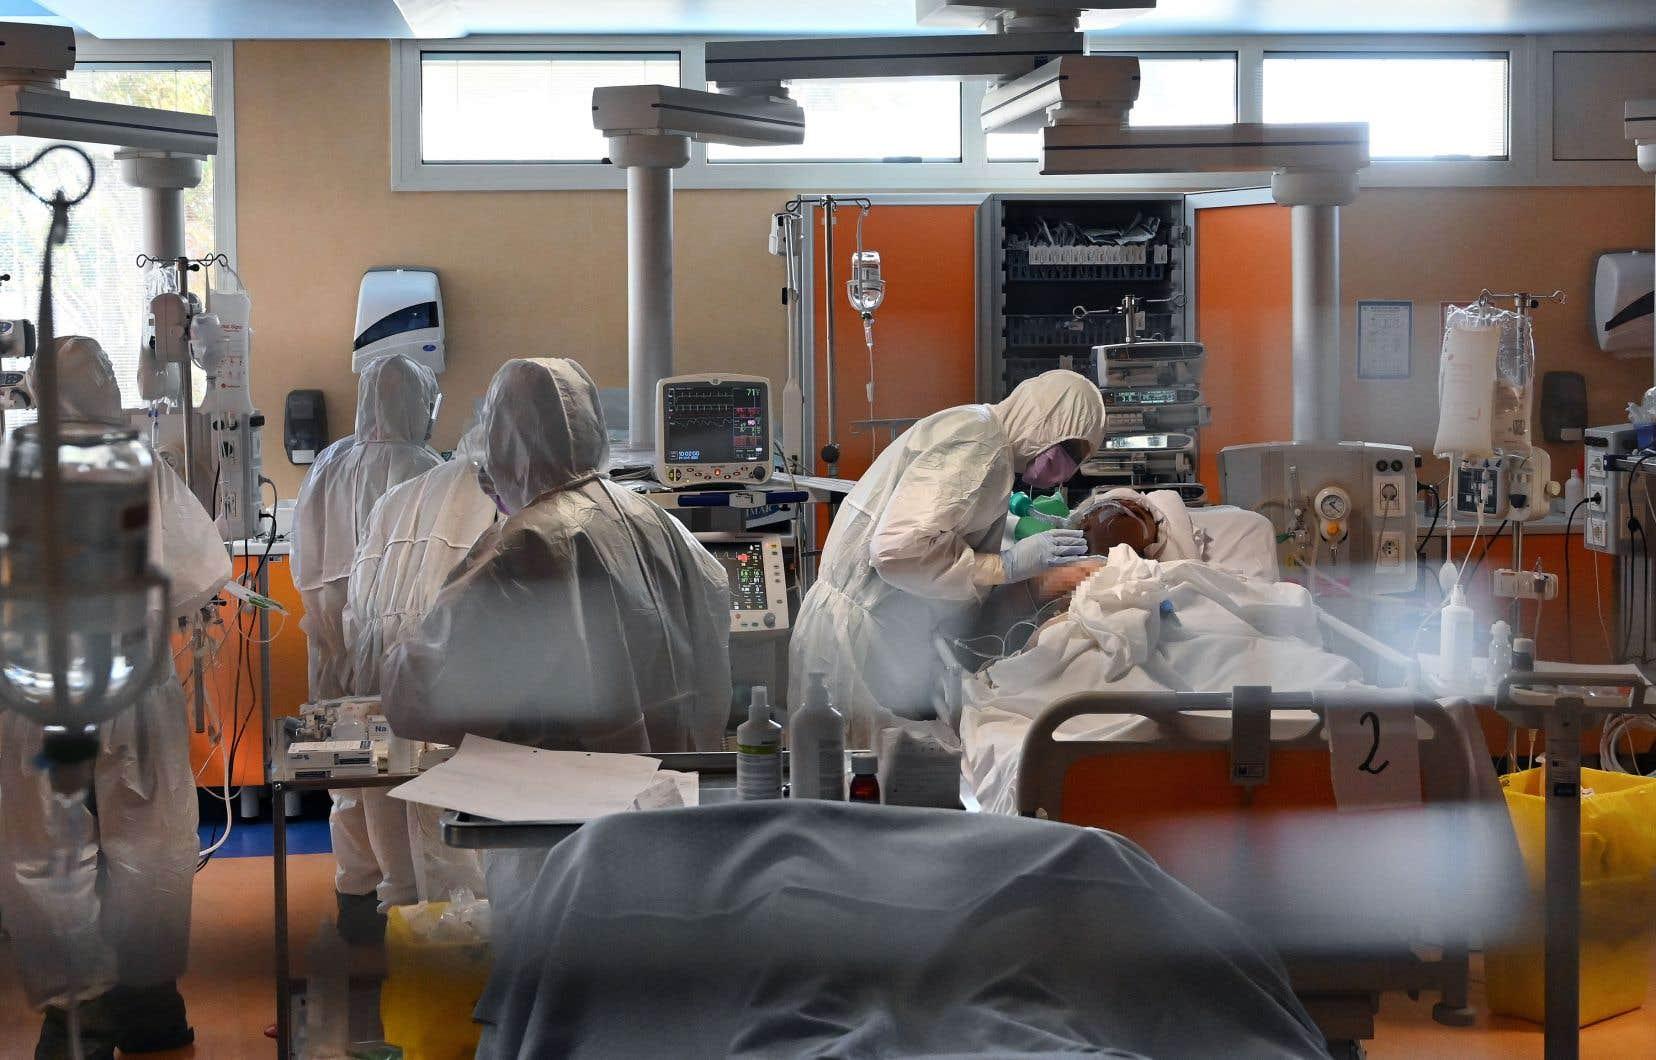 «Chantier 1: ce chantier vise à renforcer et même à développer notre industrie québécoise et canadienne en matière de fabrication d'équipements médicaux et paramédicaux», mentionne l'auteur.